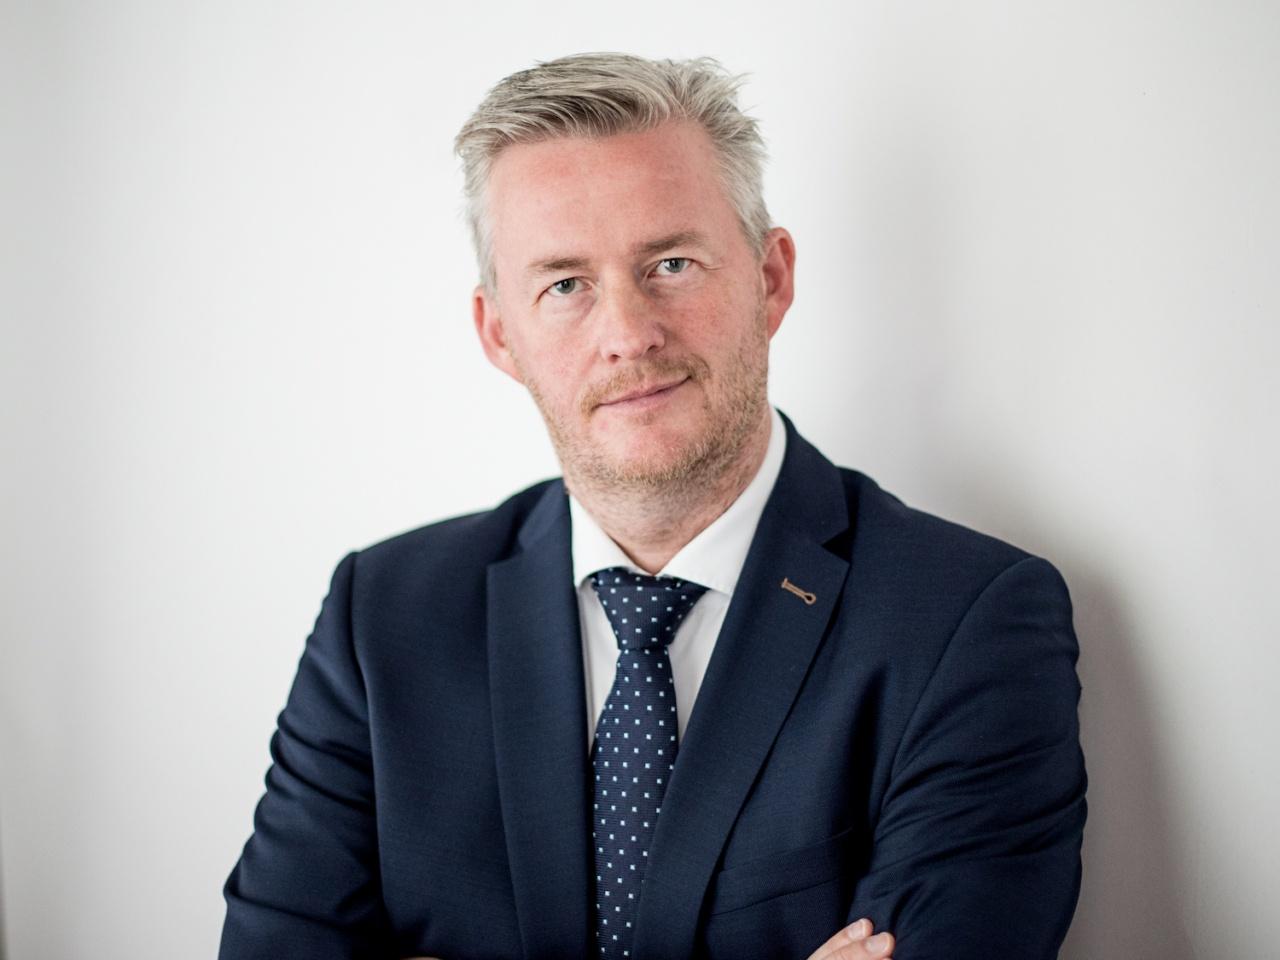 Portraitfoto von Jörg Busboom, Geschäftsführer der ÖKORENTA